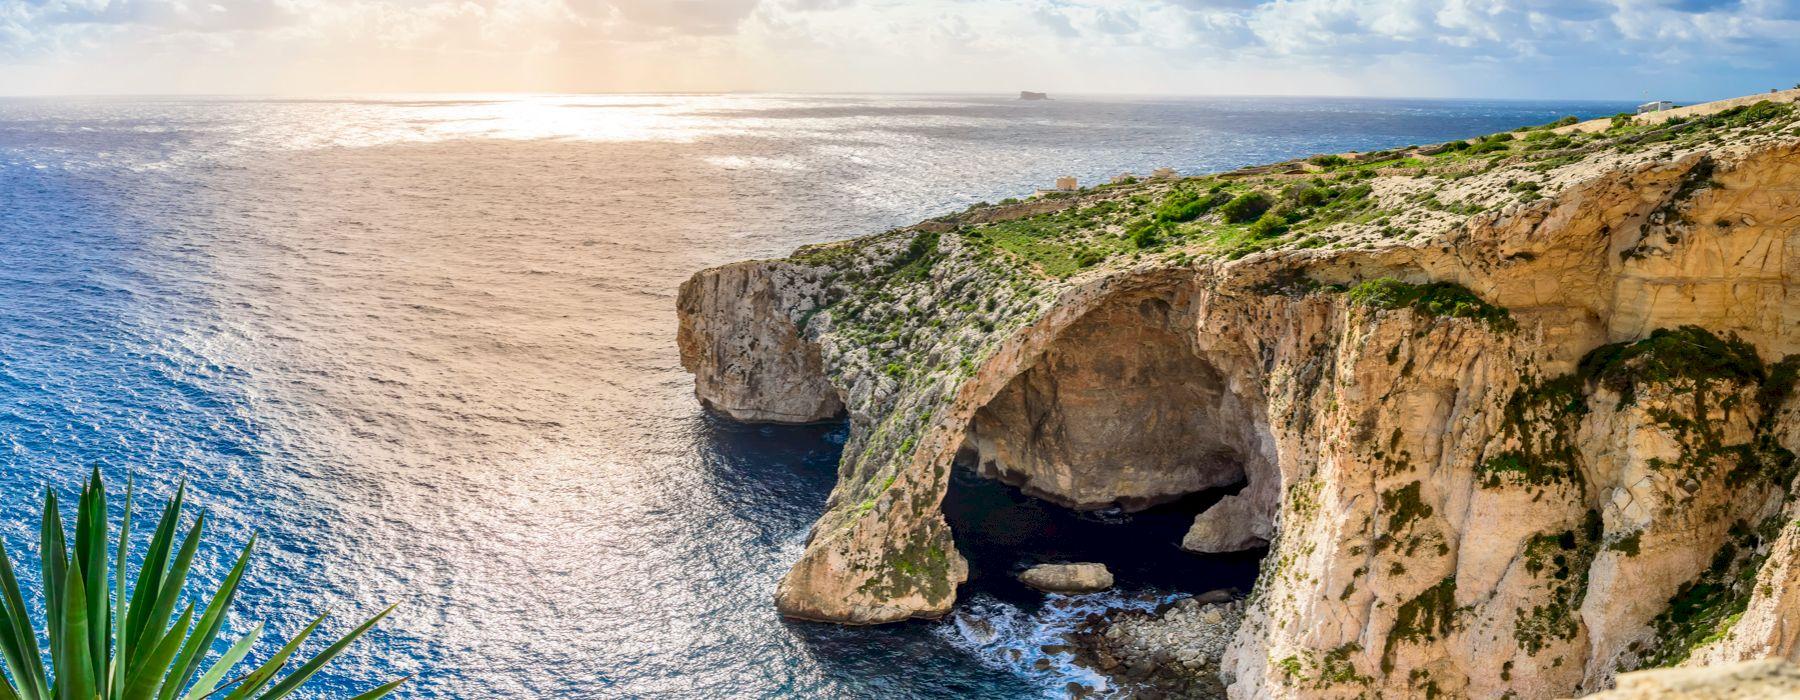 Compañía de alquiler Malta